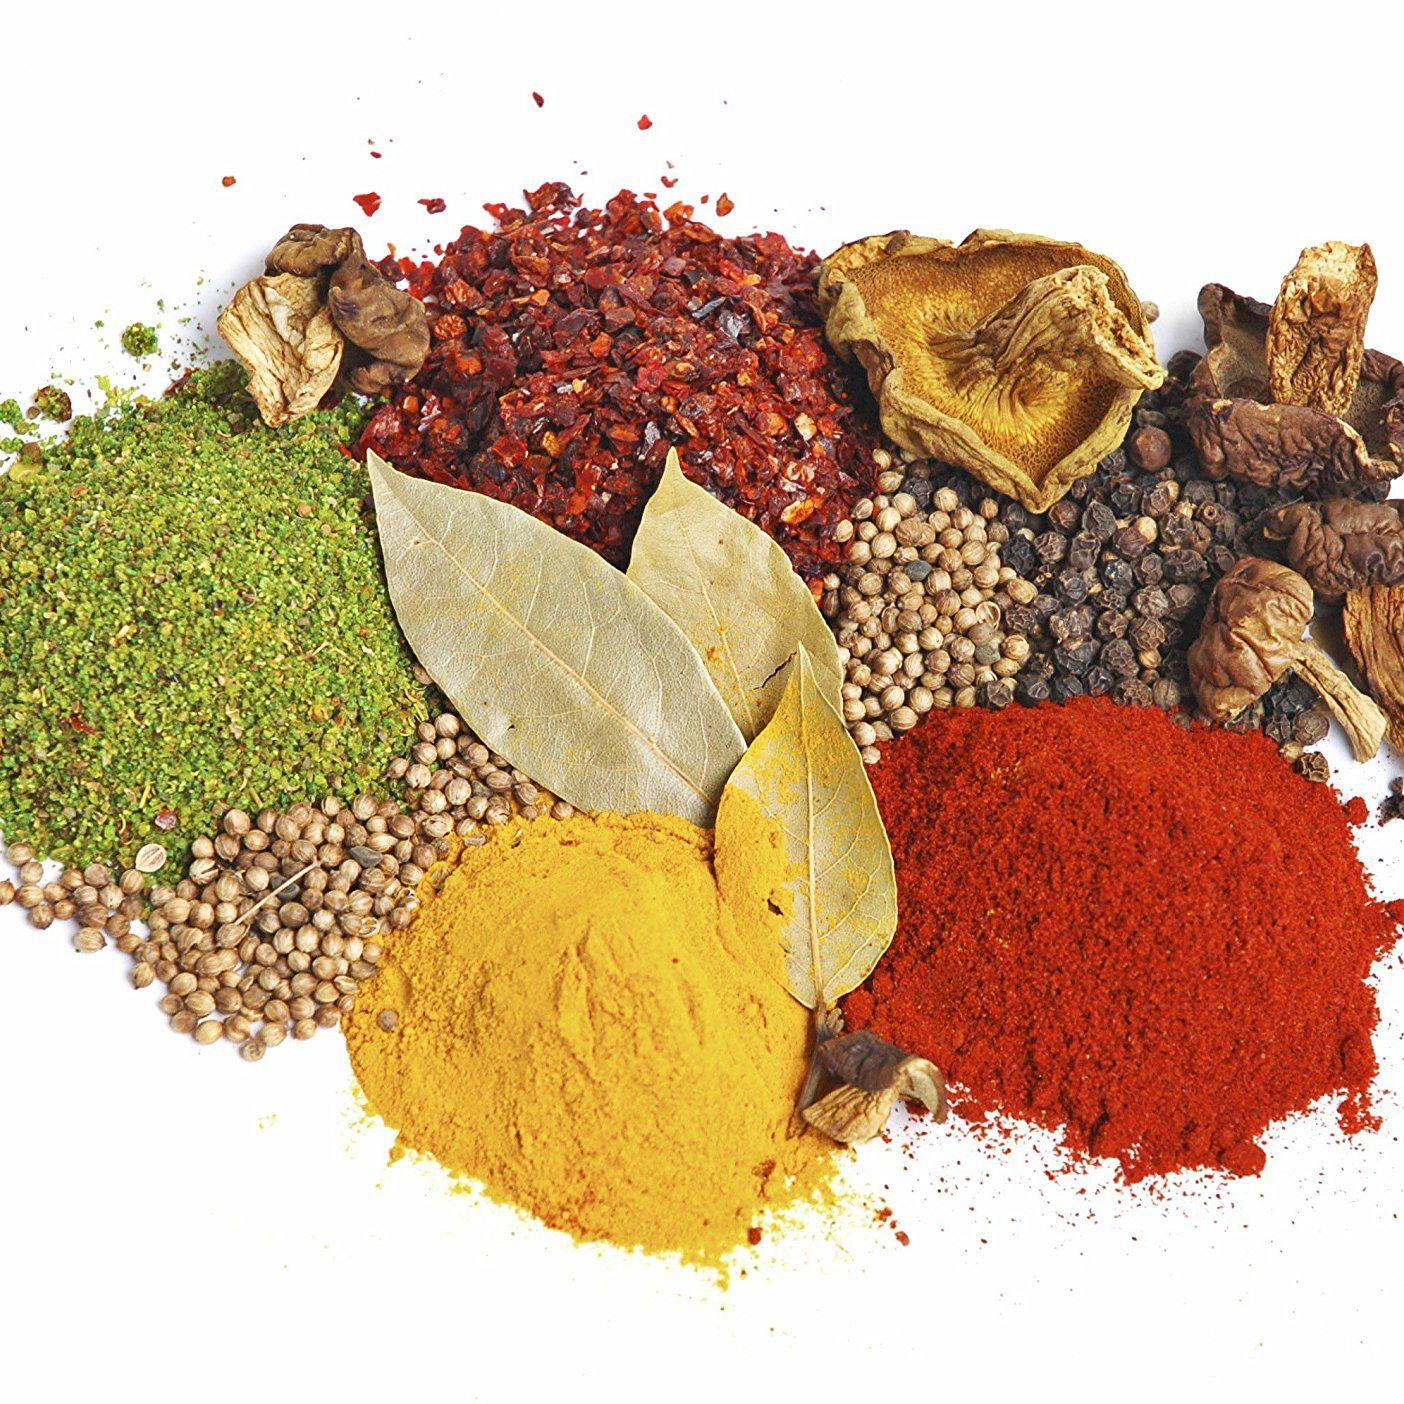 1. Gewürze-Spice